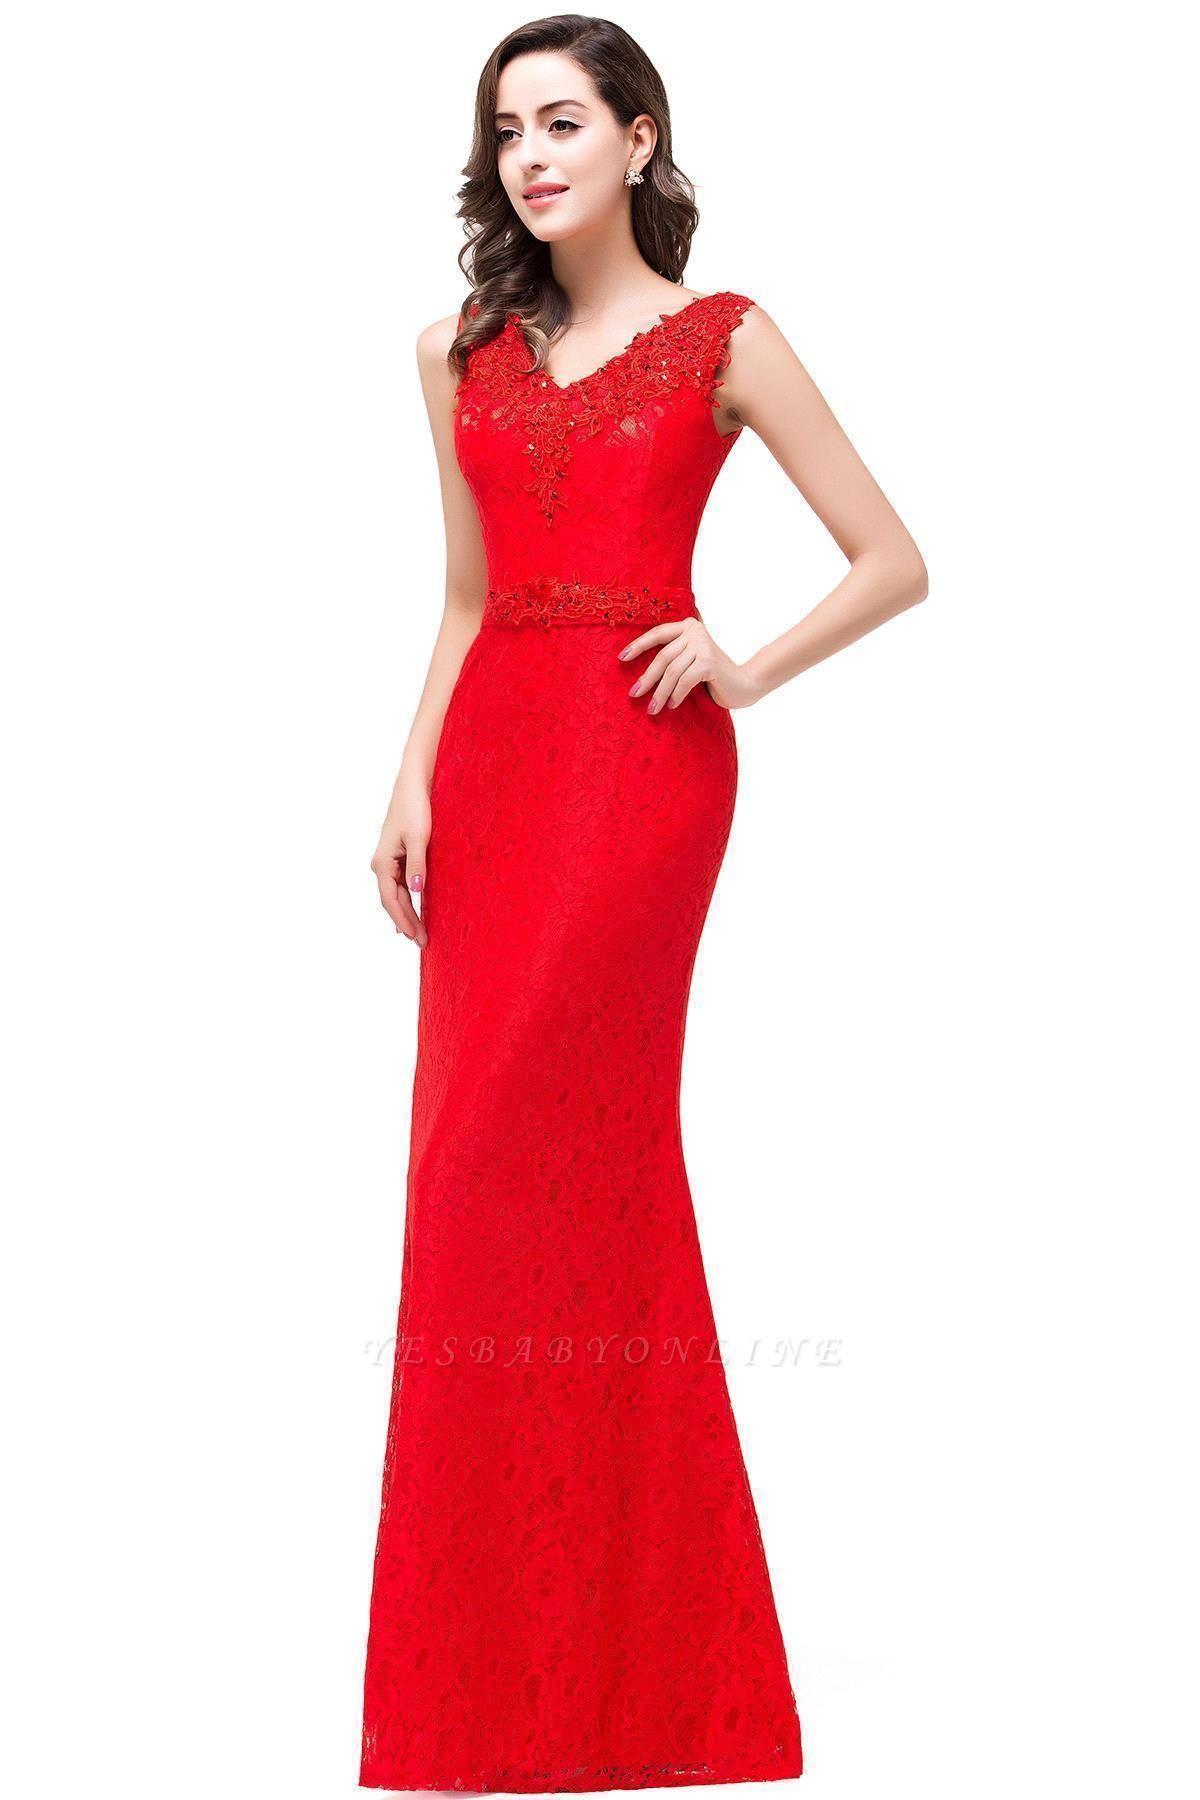 Long V-neck Floor-length Red Two-straps Sleeveless Prom Dress